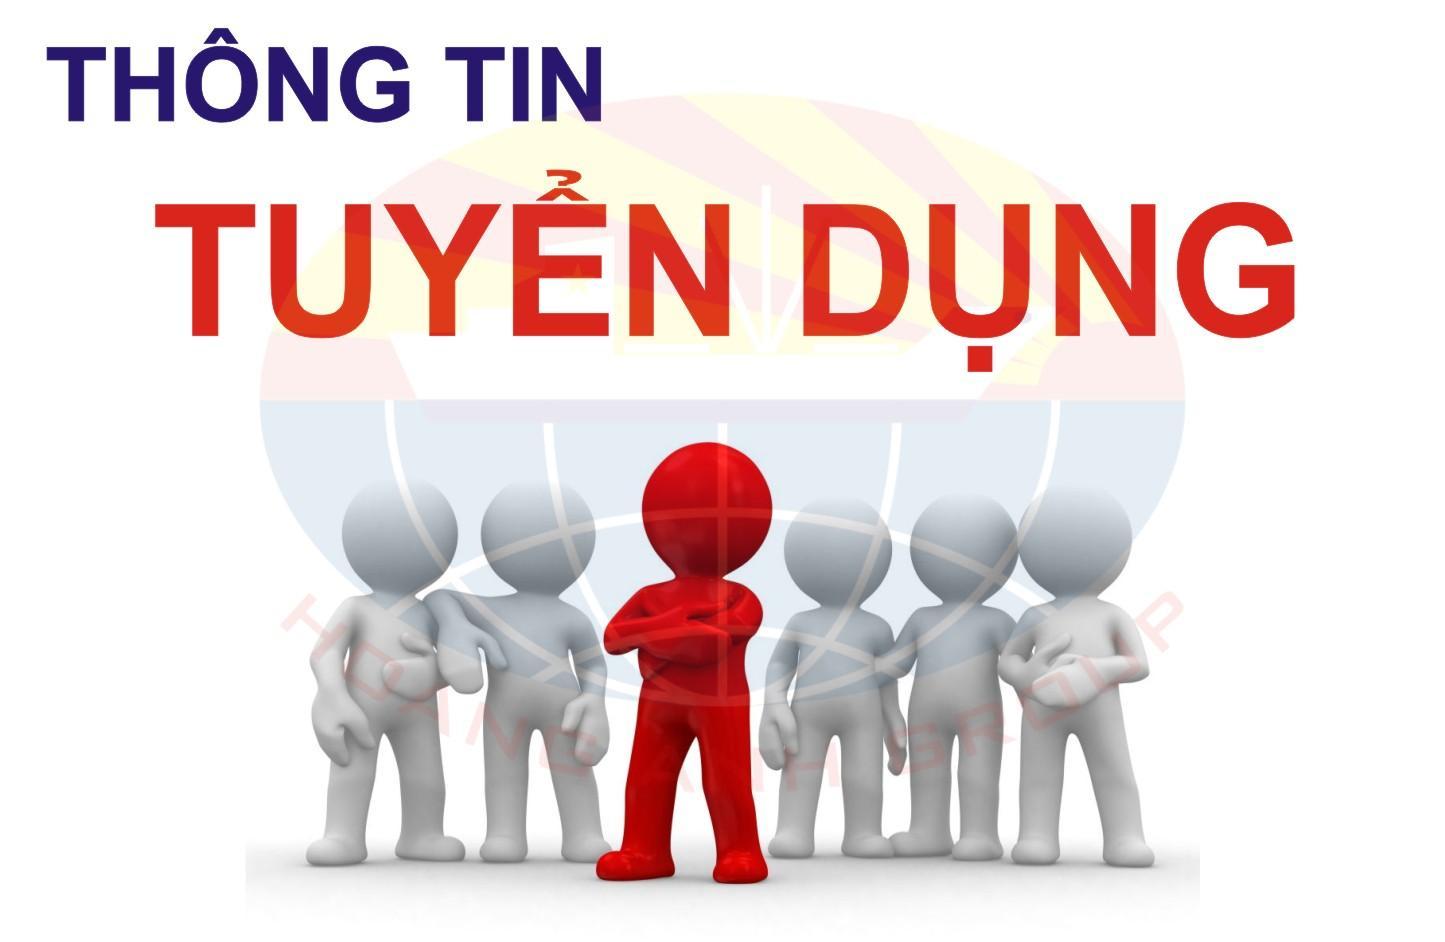 Công ty Xi măng Long Sơn – Thông báo tuyển dụng Nhân viên Kế toán.